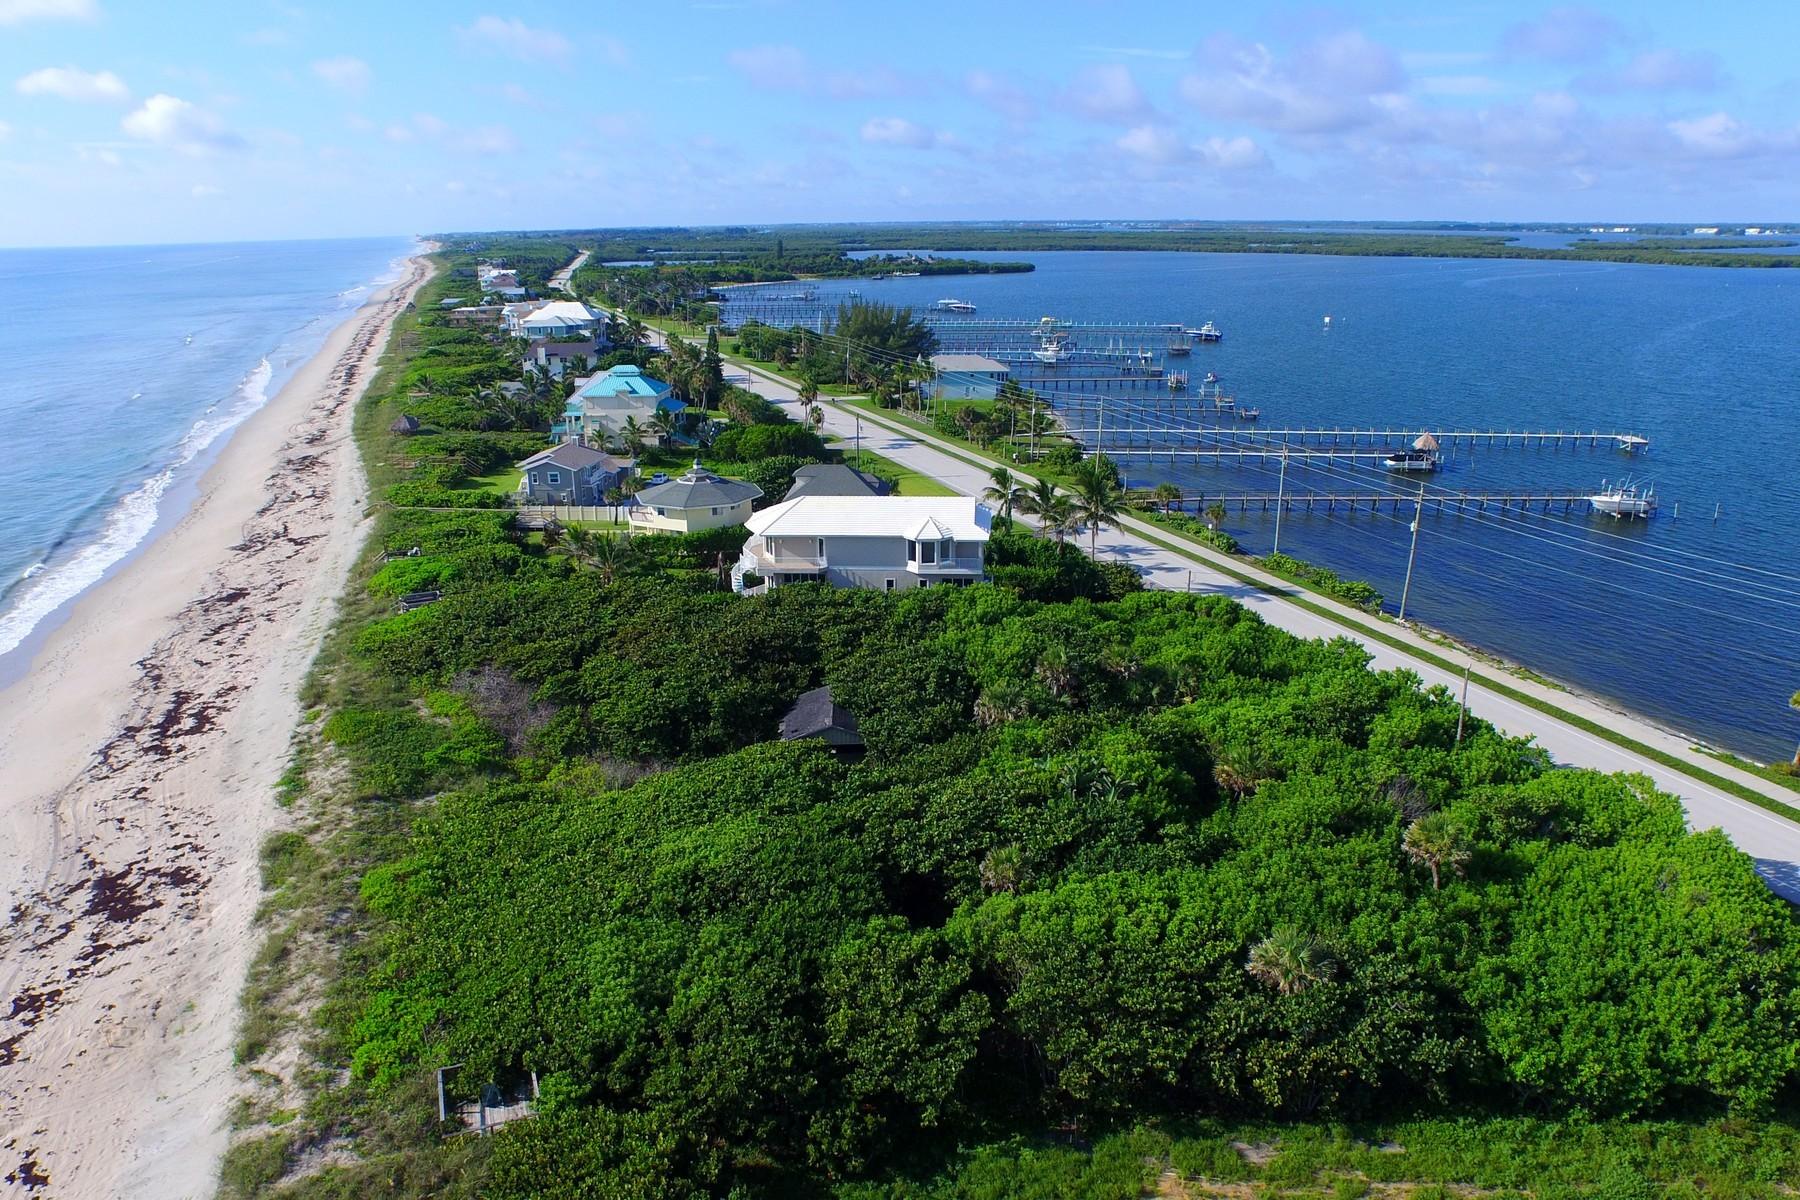 Terreno por un Venta en Ocean to river homesite in Ambersand Beach 12904 Highway A1A Vero Beach, Florida 32963 Estados Unidos